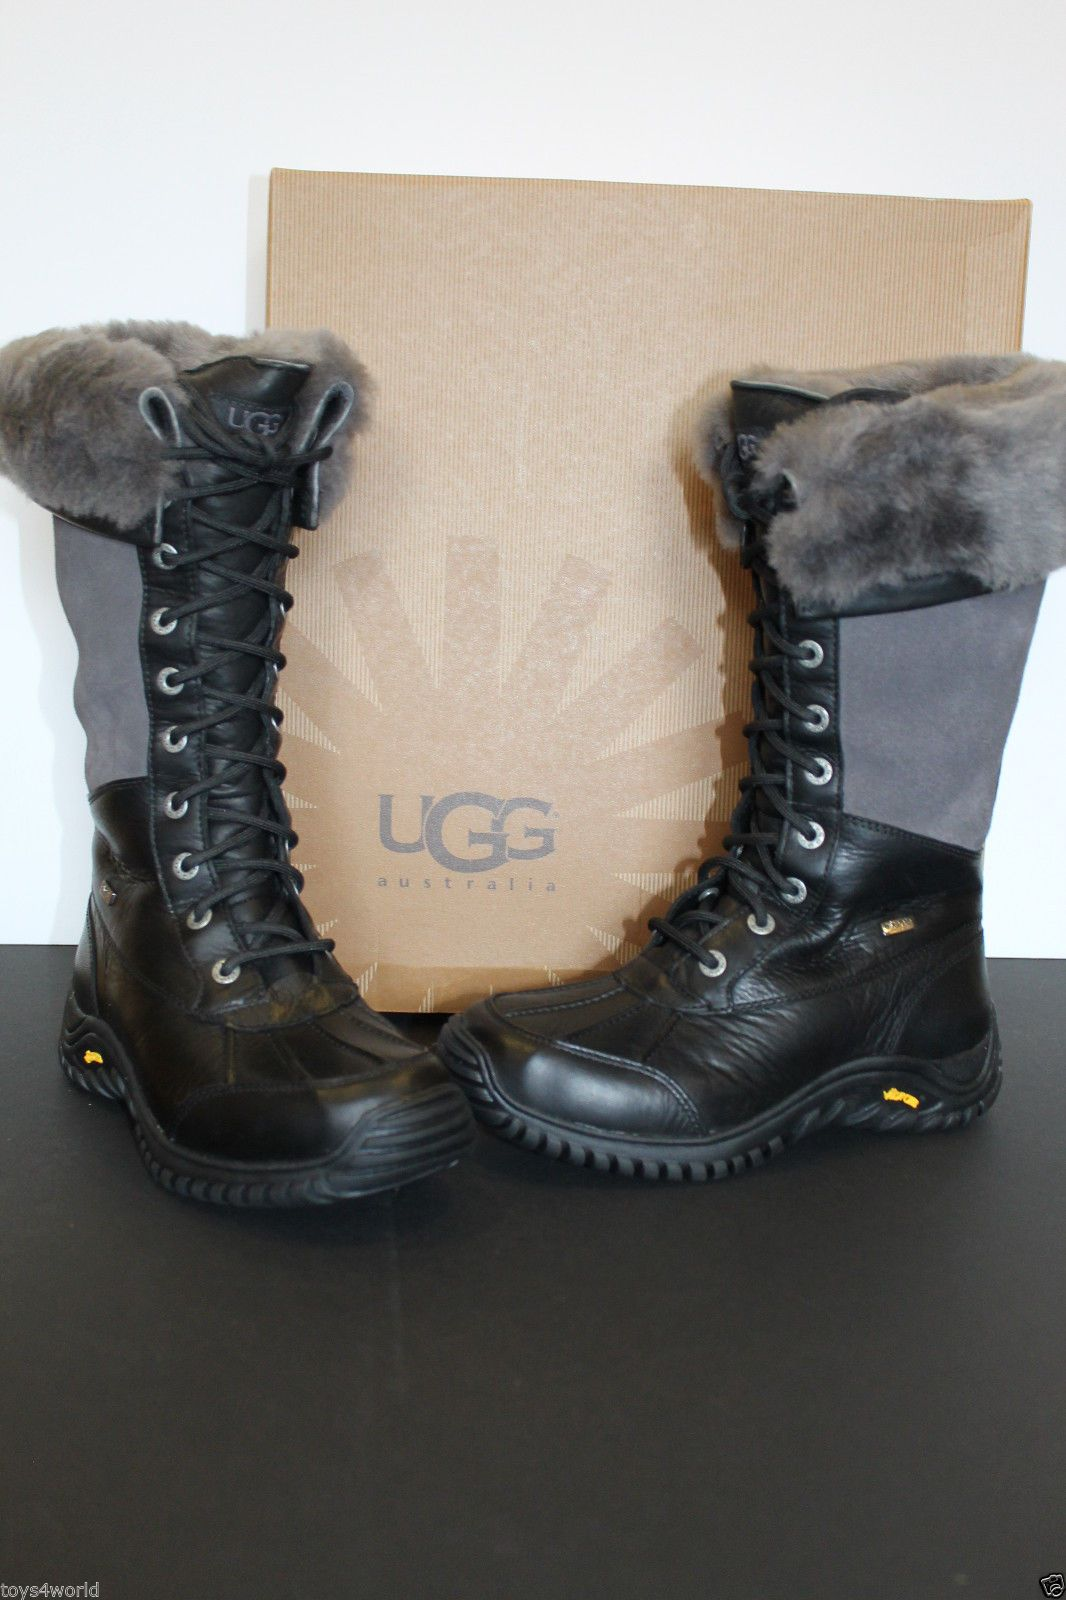 f9790582e79 UGG ADIRONDACK TALL 1001786 BLACK GREY Boots Size US 6 / EU 37 / UK ...